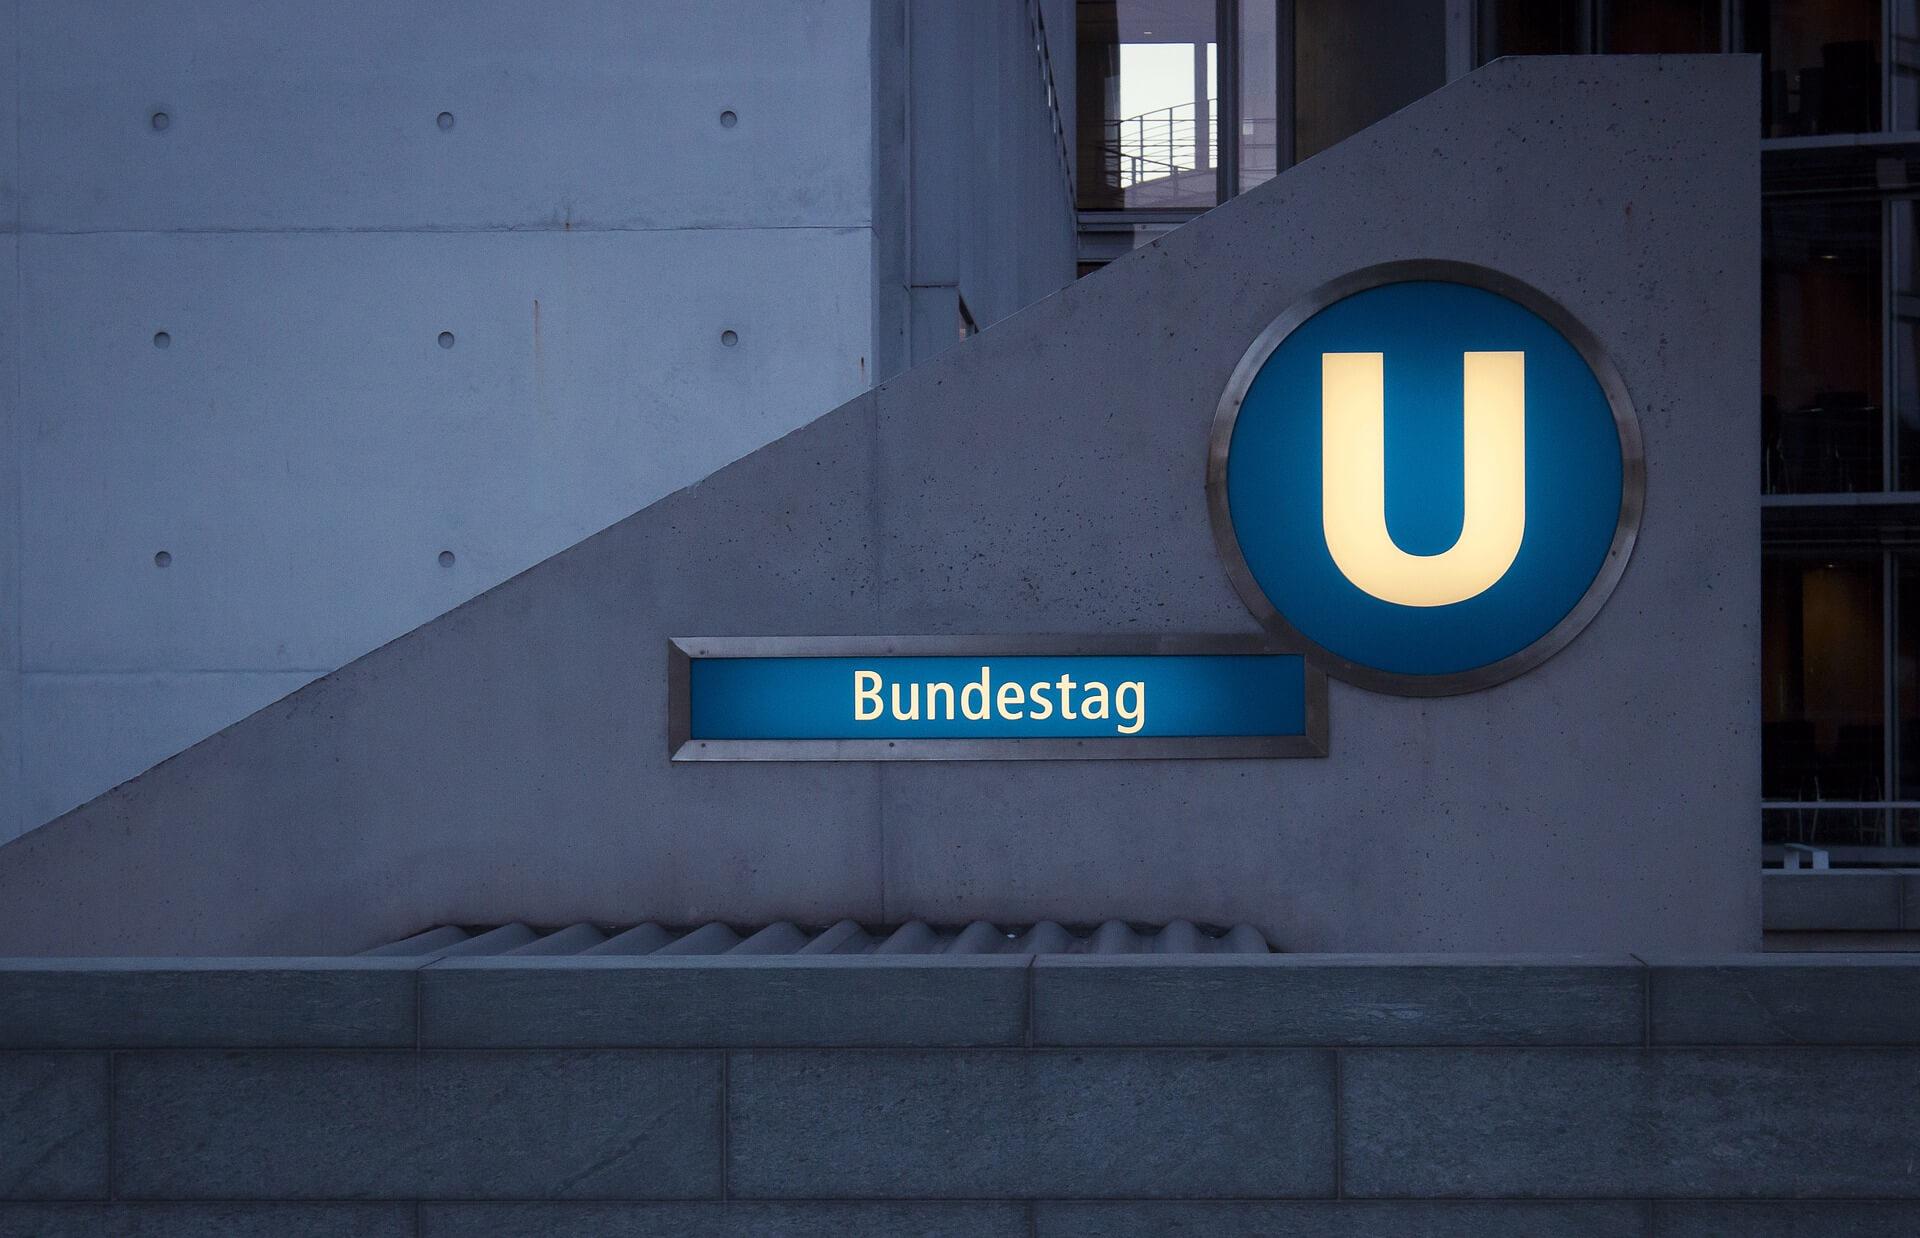 Breaking News – Anpassung des deutschen Datenschutzrechts?